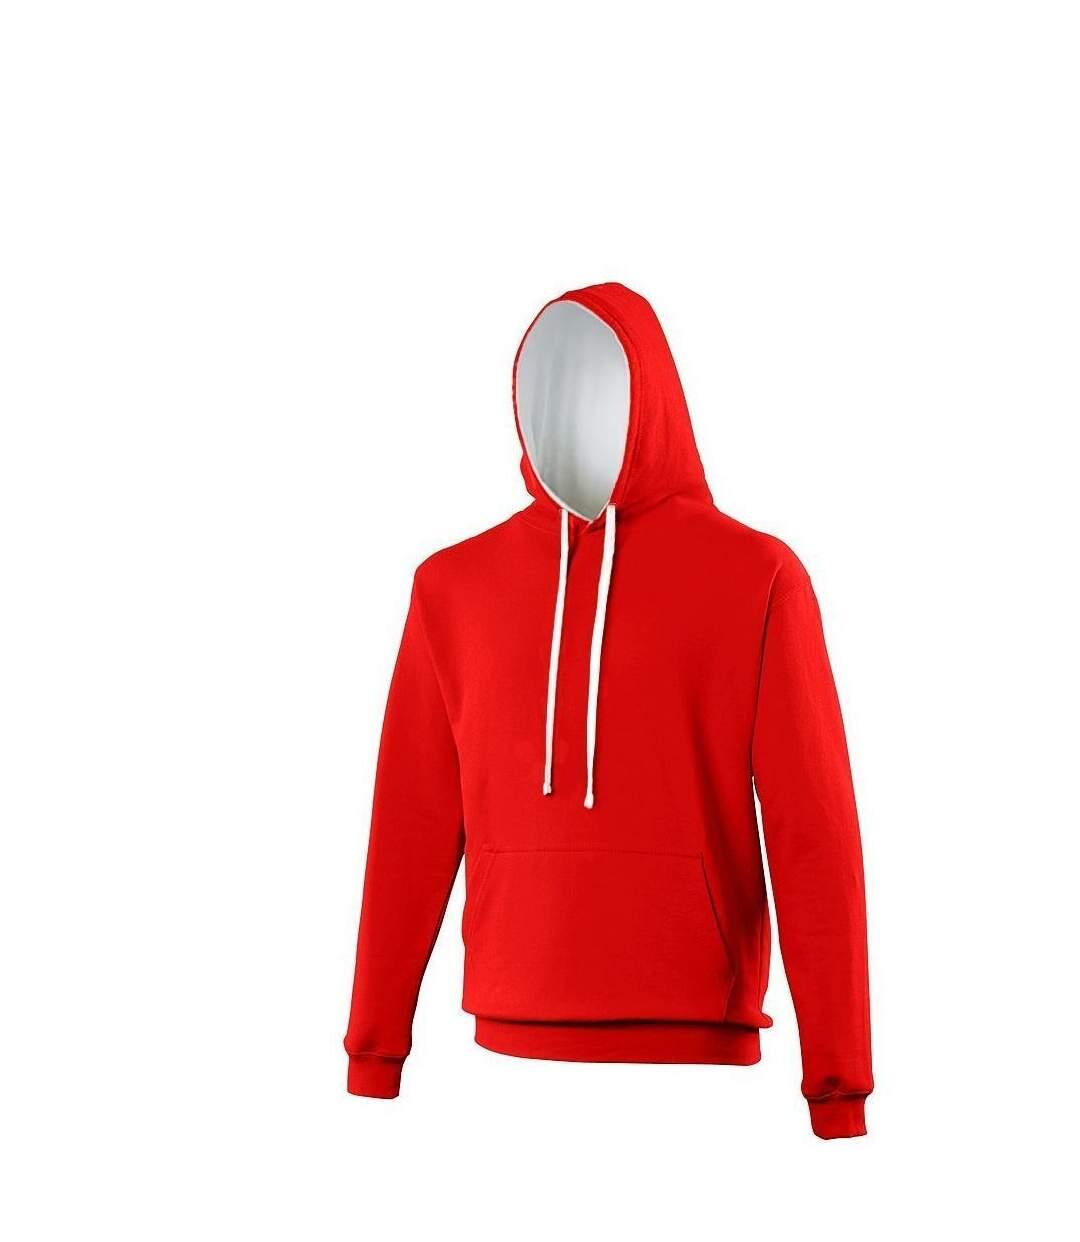 Sweat à capuche contrastée unisexe - JH003 - rouge et blanc